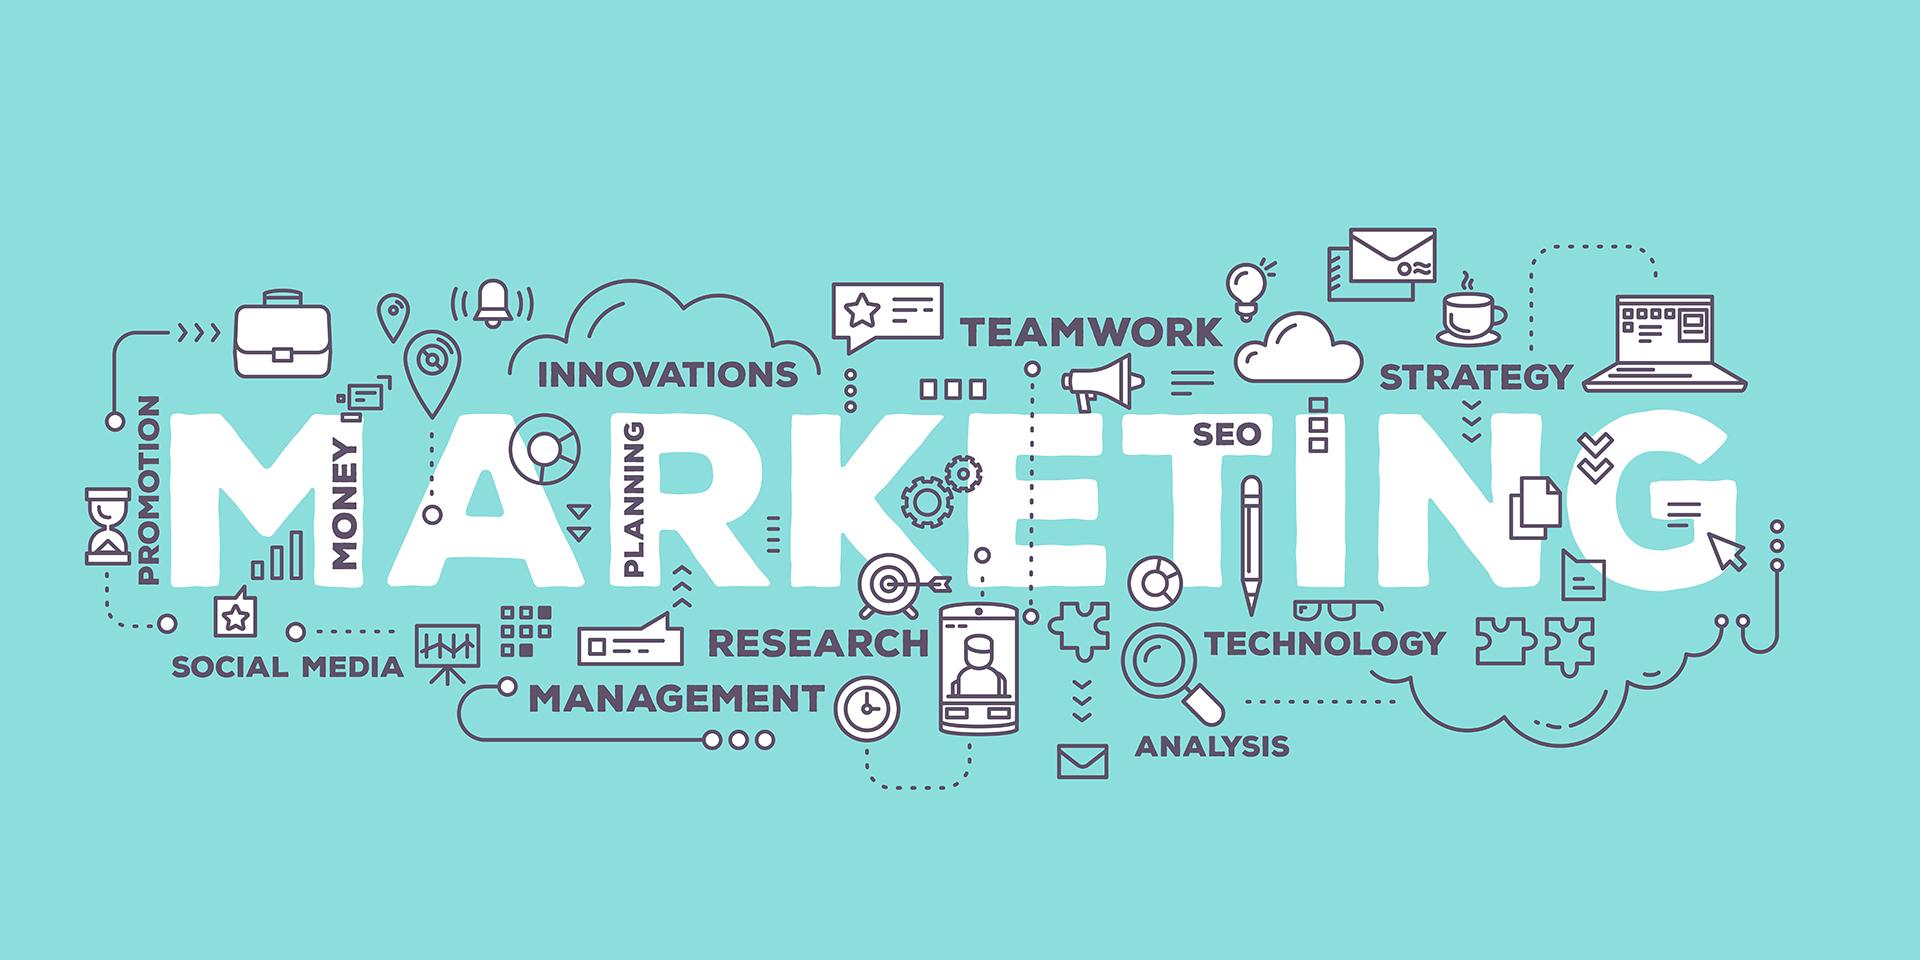 Webマーケティング基礎知識と応用がわかる!使える10の施策と事例